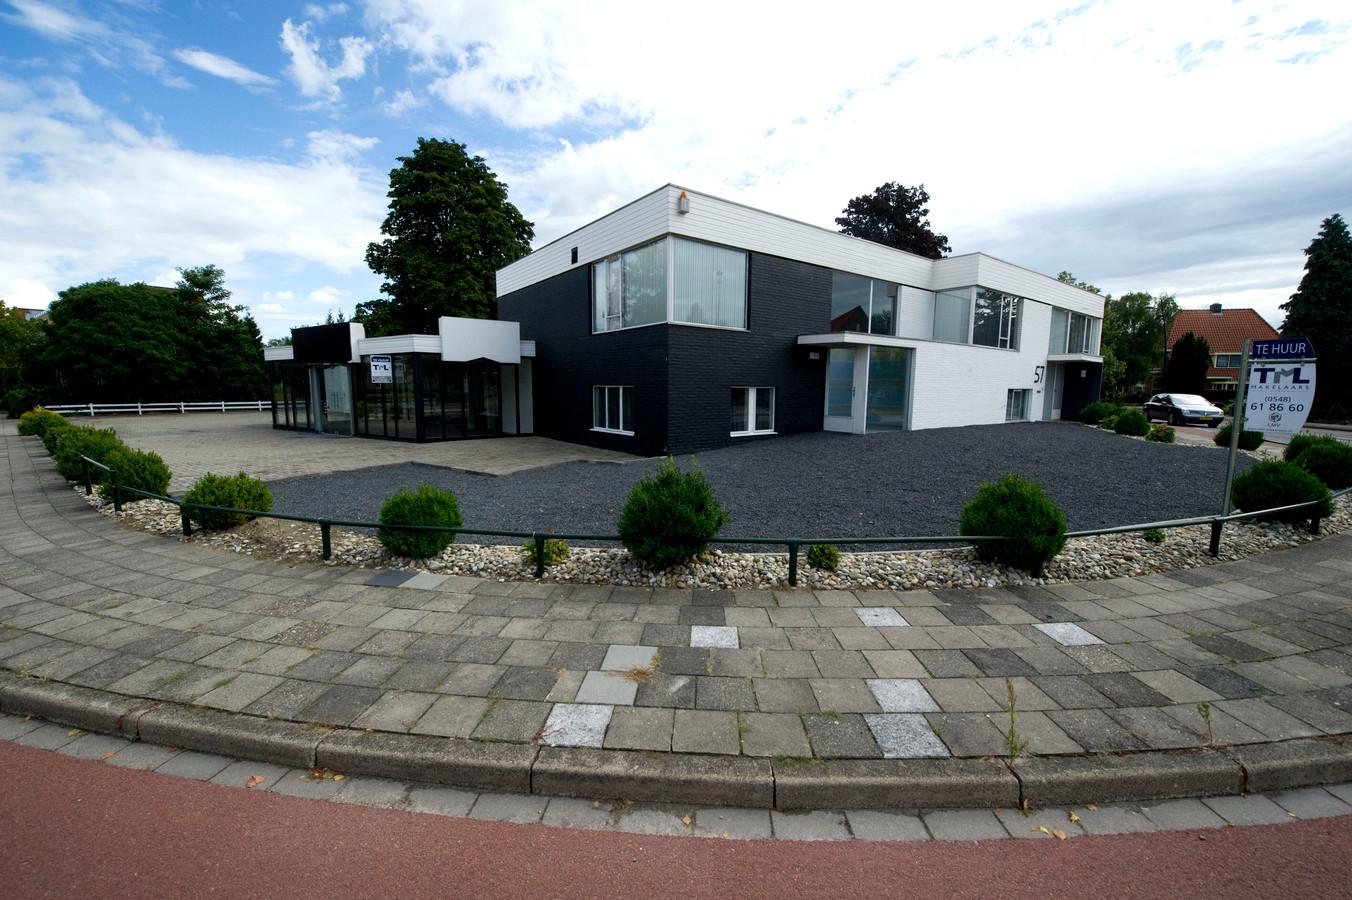 Er is een nieuw bouwplan in de maak voor de locatie Broeks op de hoek Smidsweg/Molenweg, dat volgens projectontwikkelaar Richard Beusink beter past bij het 'dorpse karakter van Nijverdal'.